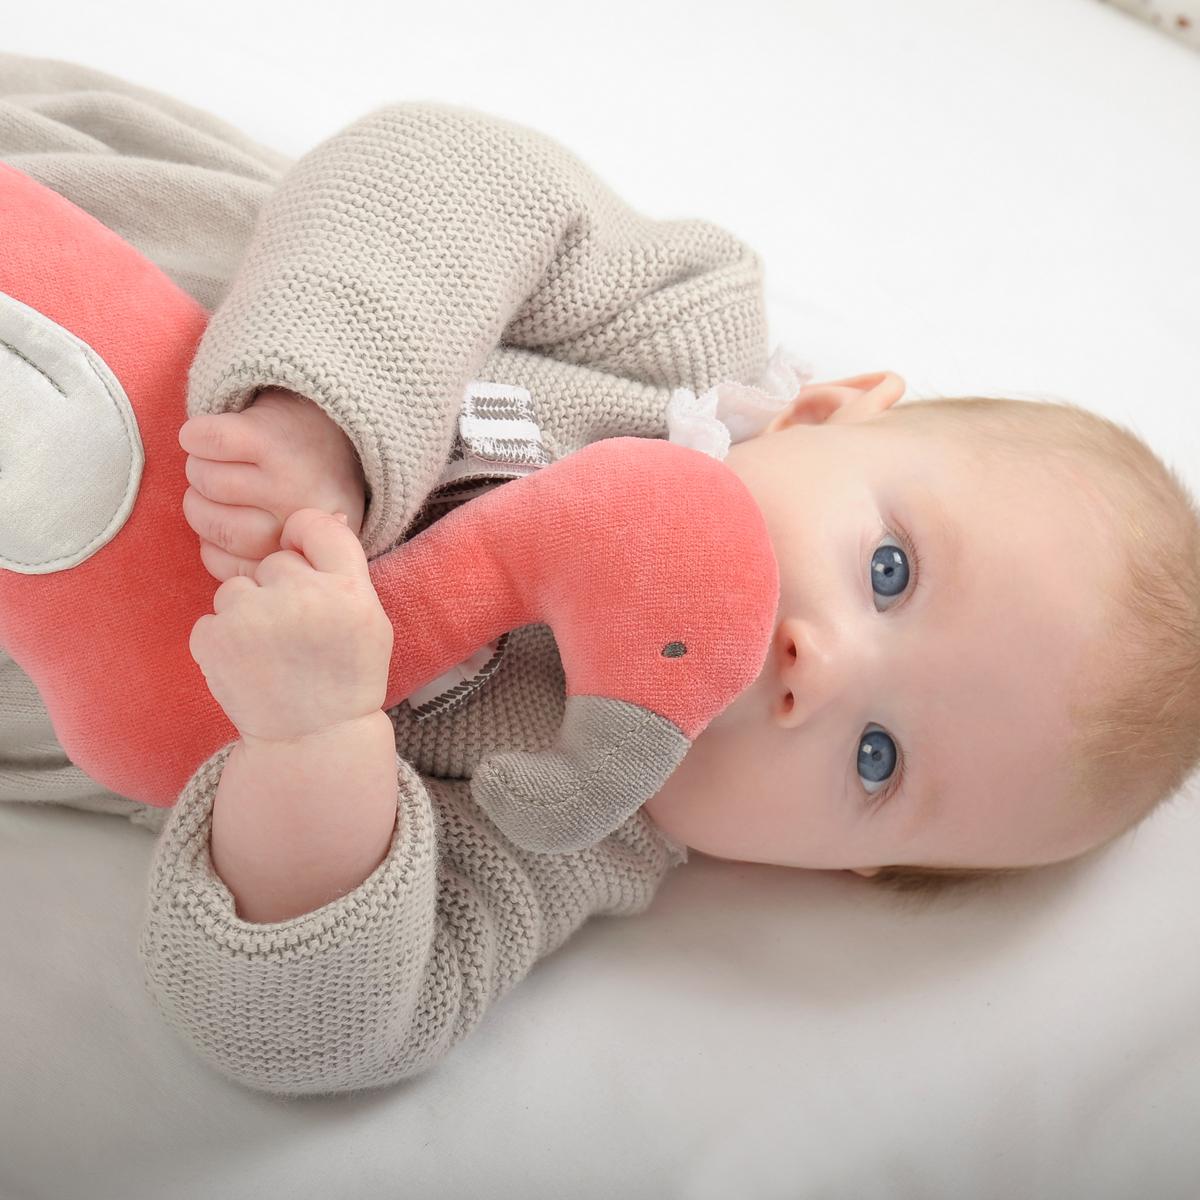 赤ちゃんの未来もやさしく包み込むオーガニック・コットン用品